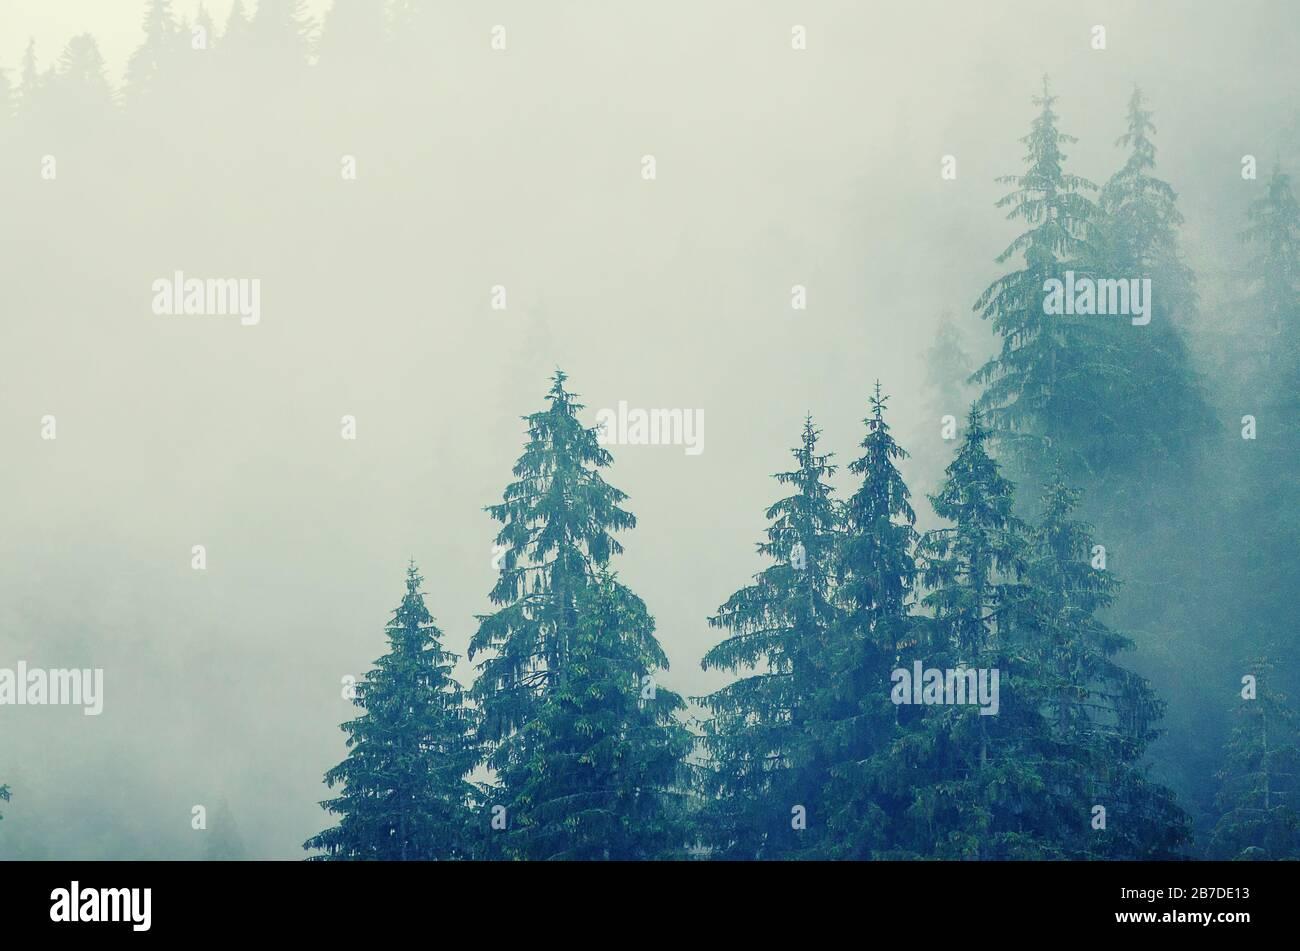 Misty Foggy Mountain paysage avec dans la forêt de sapin hipster vintage retro style Banque D'Images